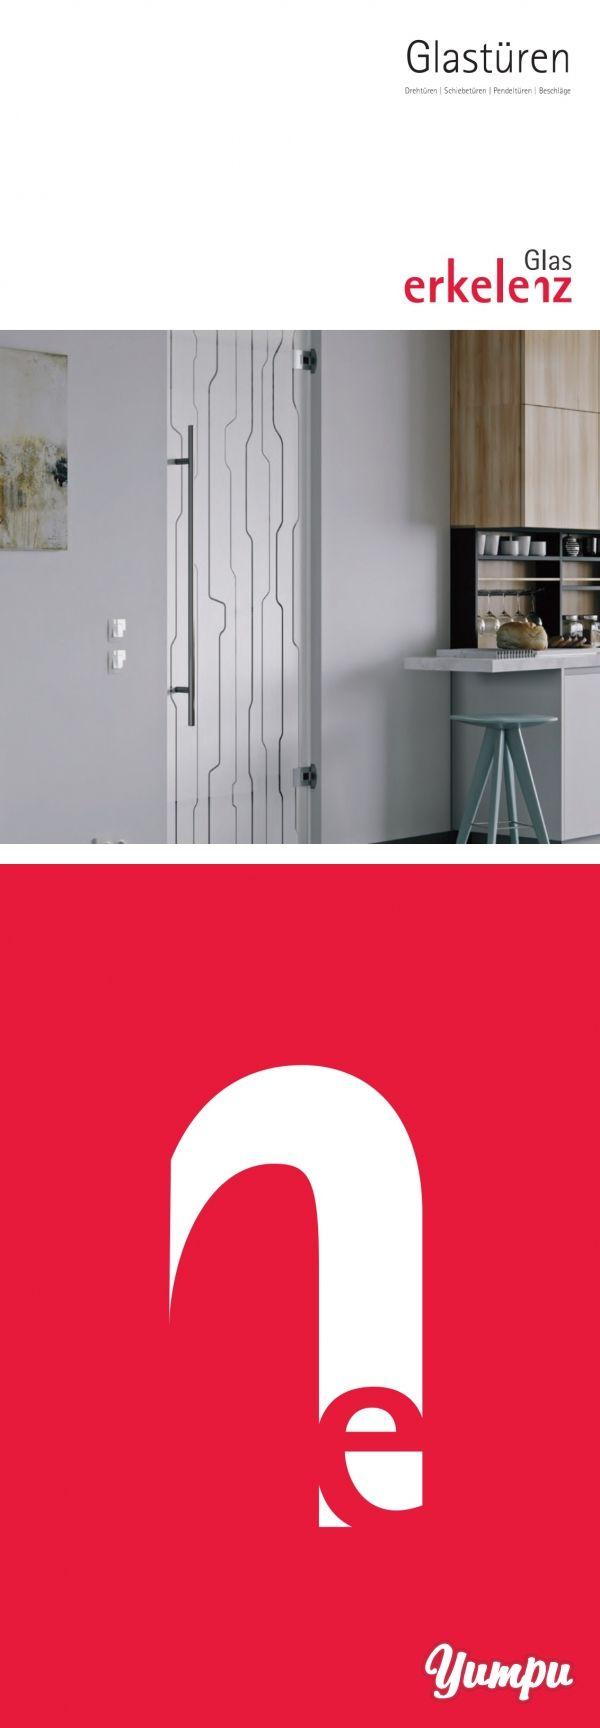 Erkelenz Glastüren - Die Glastüren der Firma Erkelenz setzen neue Maßstäbe im Design. Dieses Magazin veranschaulicht Ihnen die Designvielfalt und Ausfürhungsvarianten von Glastüren. Lassen Sie sich inspirieren und entdecken Sie neue Möglichkeiten Ihre Räume noch schöner zu gestalten.